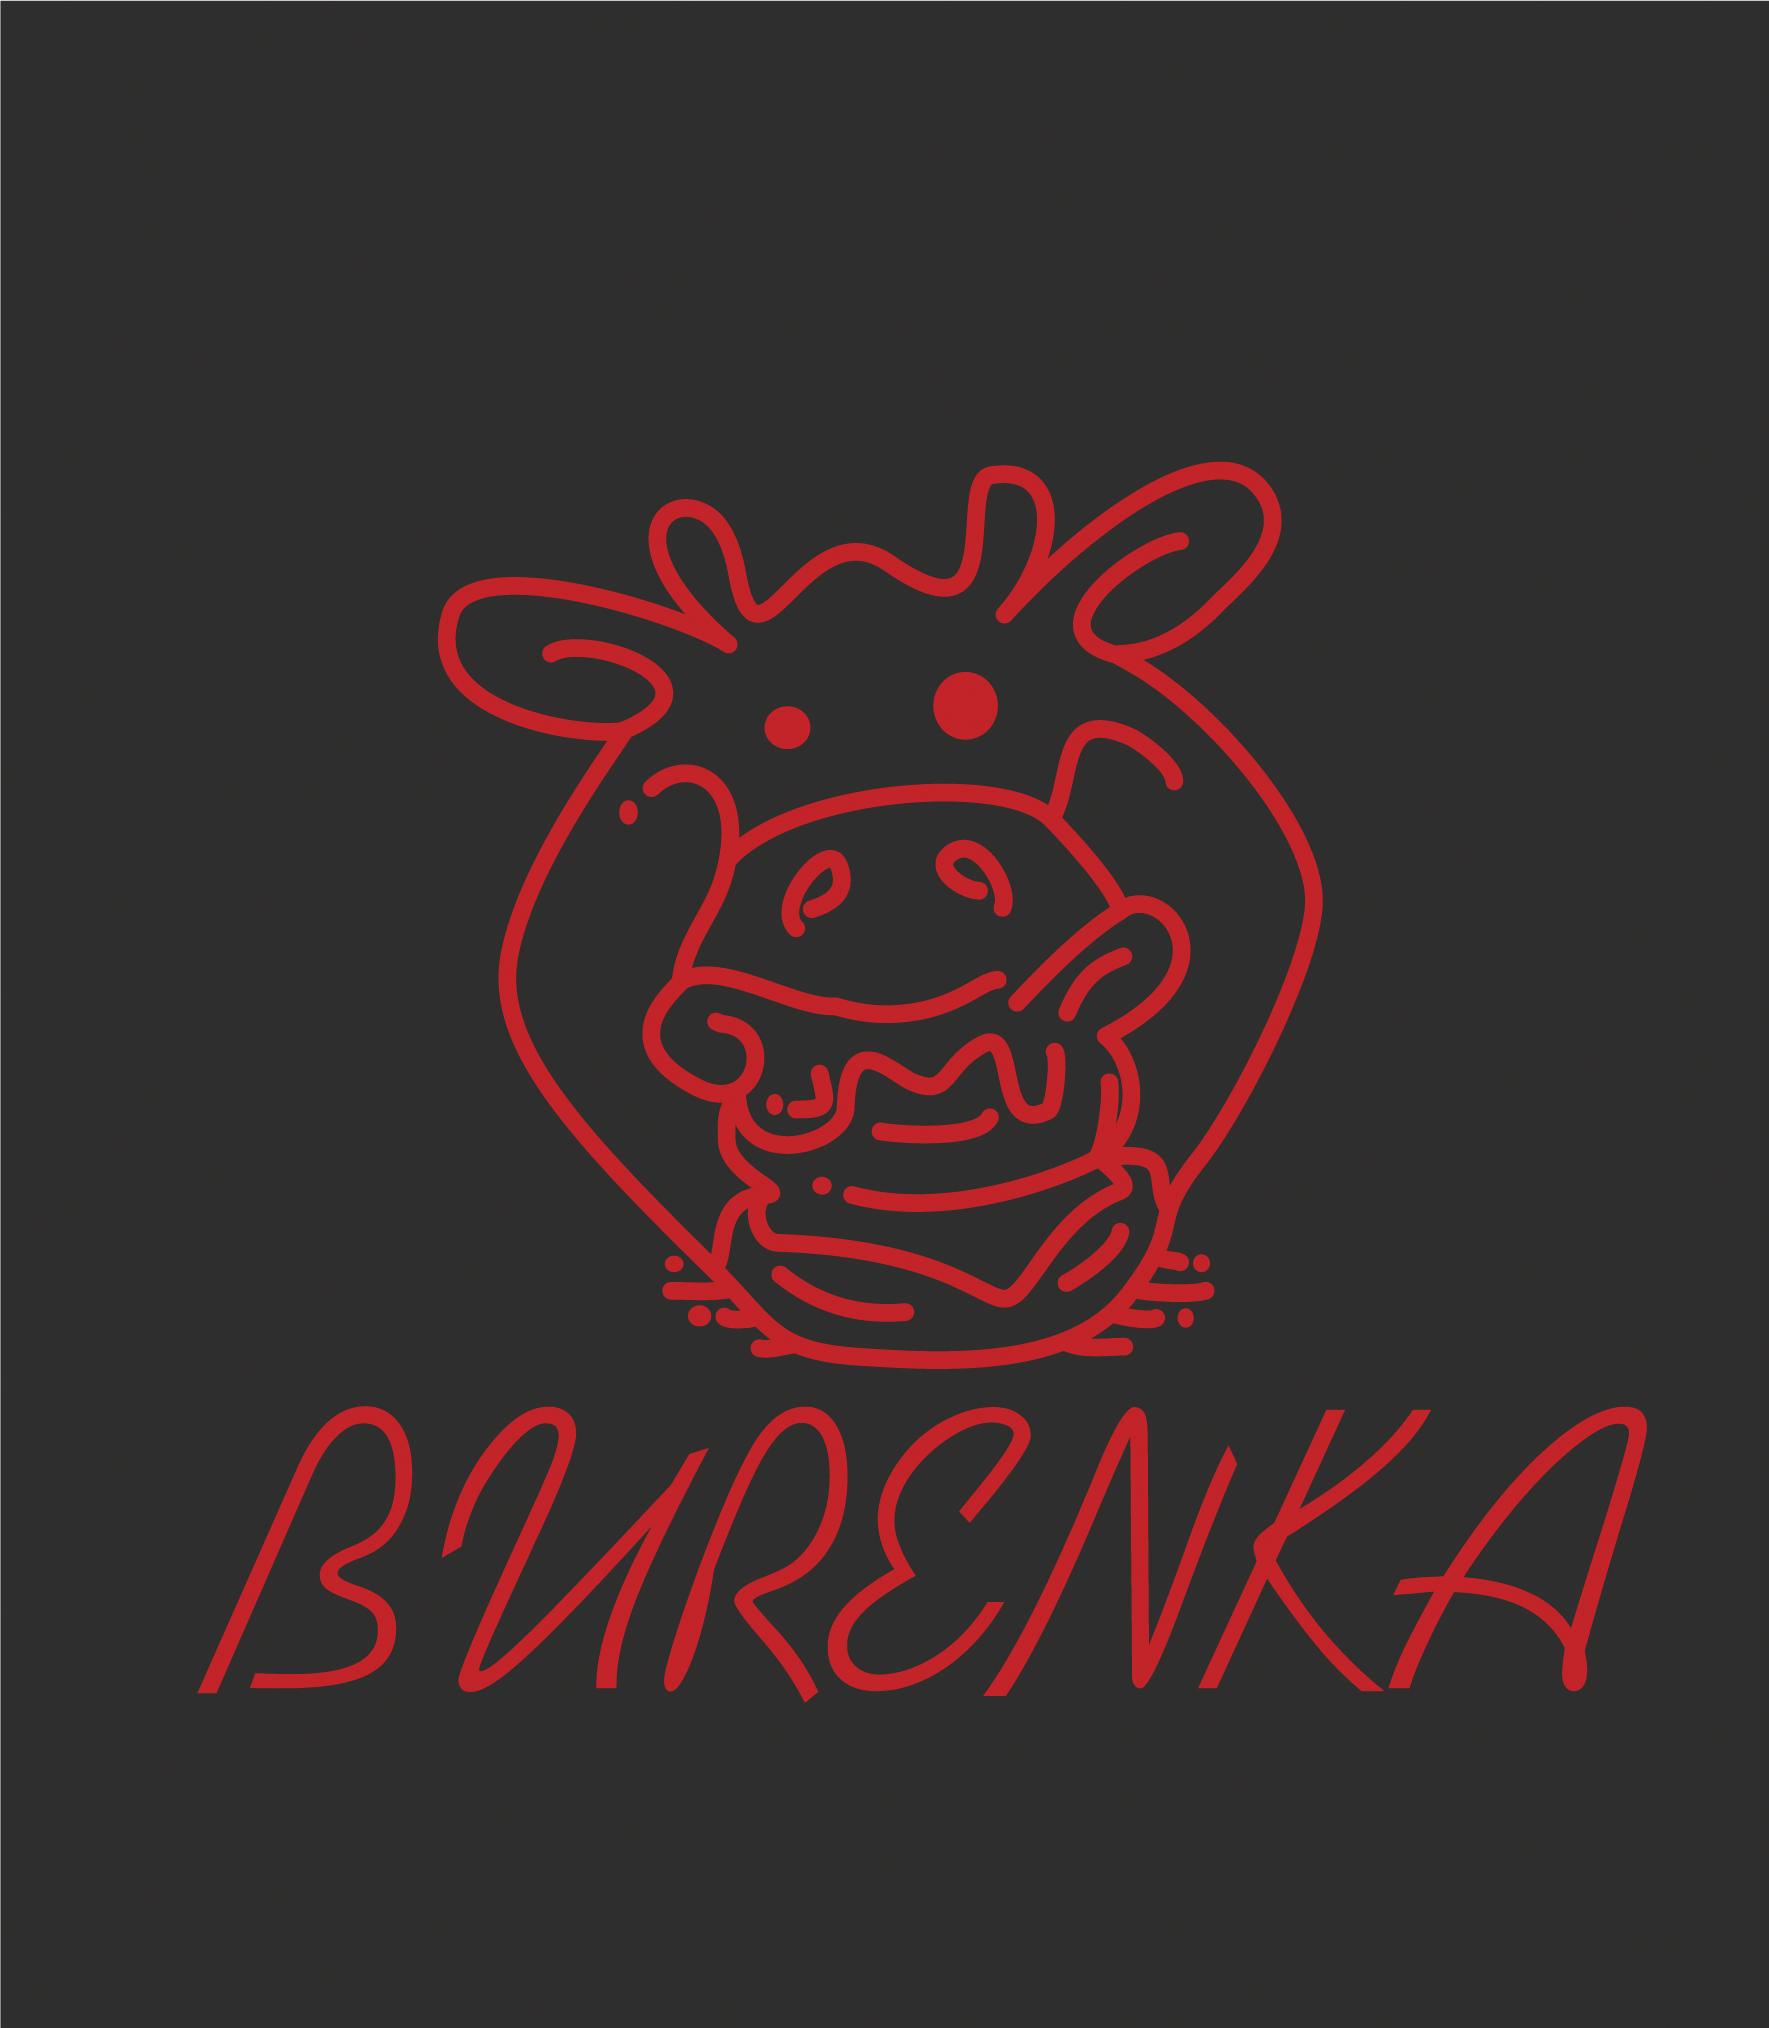 Логотип для Бургерной с Пекарней фото f_1285e1554ec1e9cb.jpg